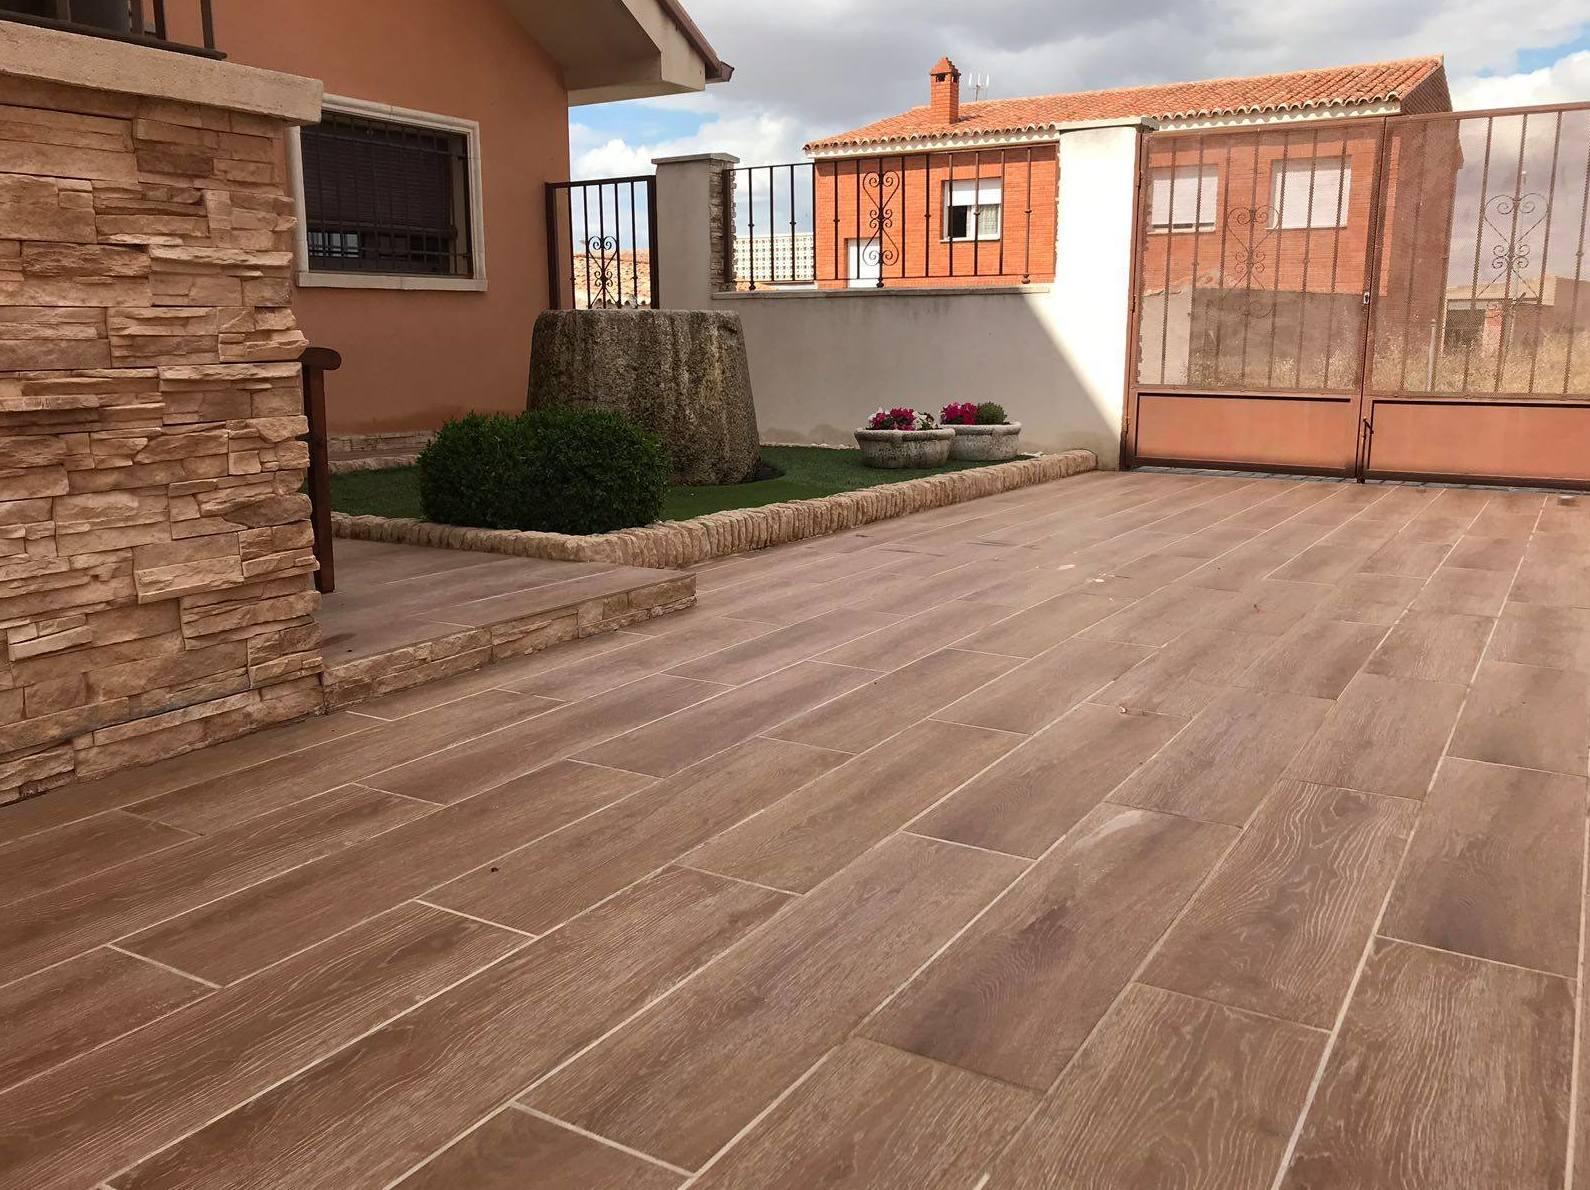 Pavimento imitaci n a madera para exterior productos y for Pavimento imitacion madera